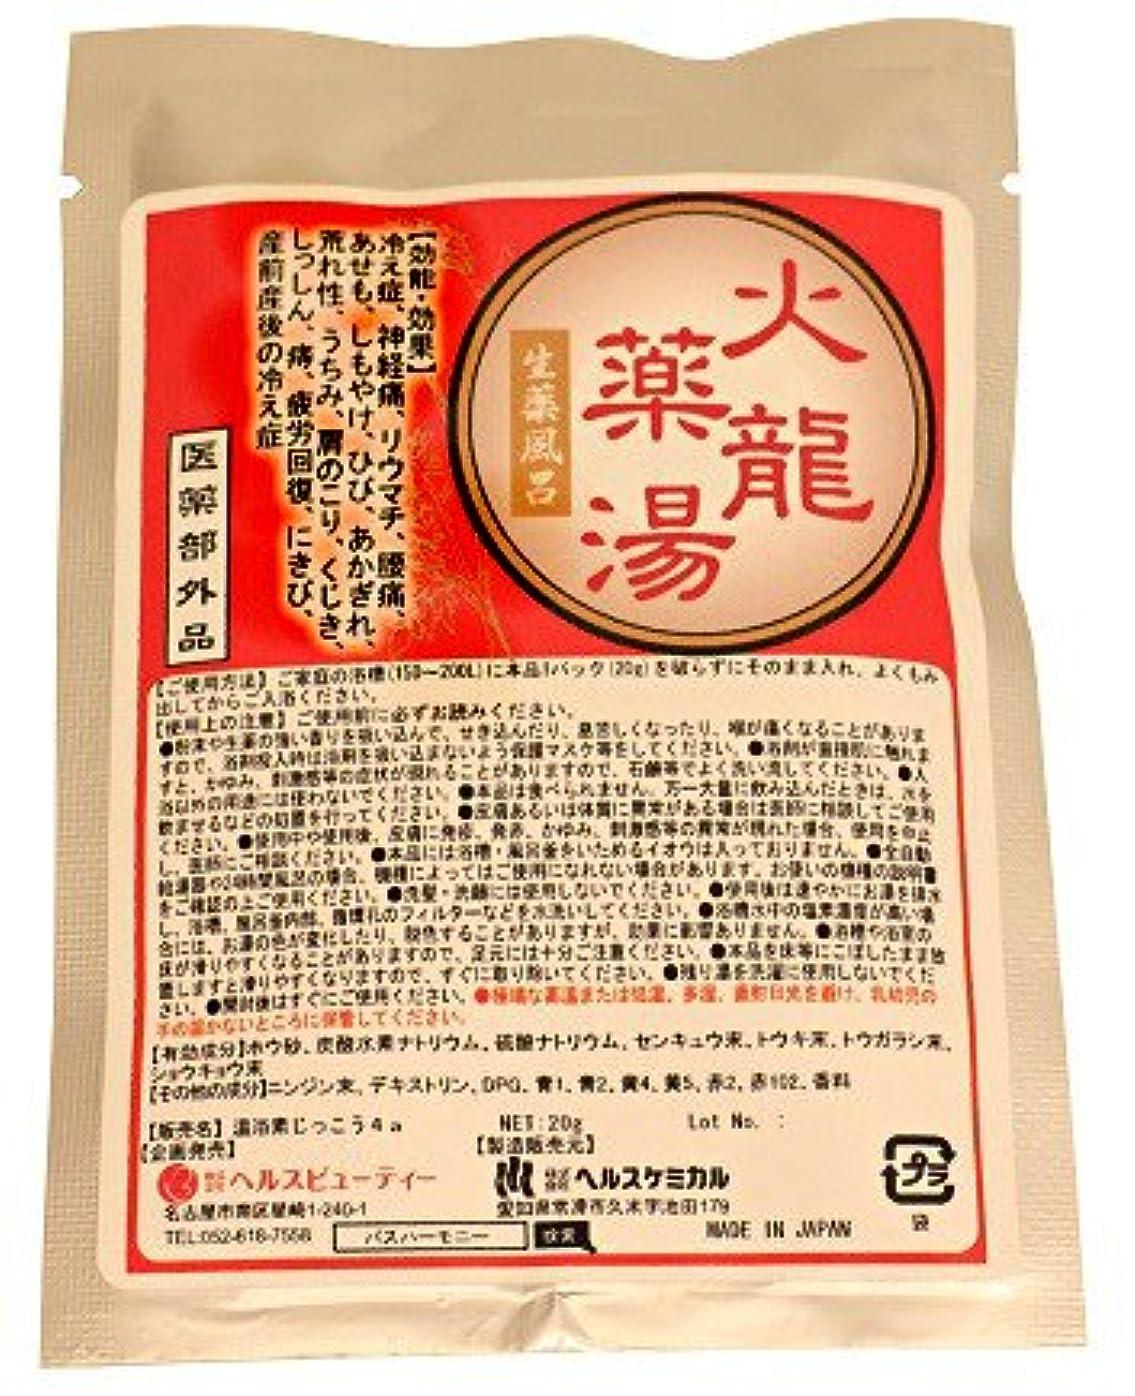 熱心完璧どうやって火龍 薬湯 分包 タイプ 1回分 生薬 薬湯 天然生薬 の 香り 医薬部外品